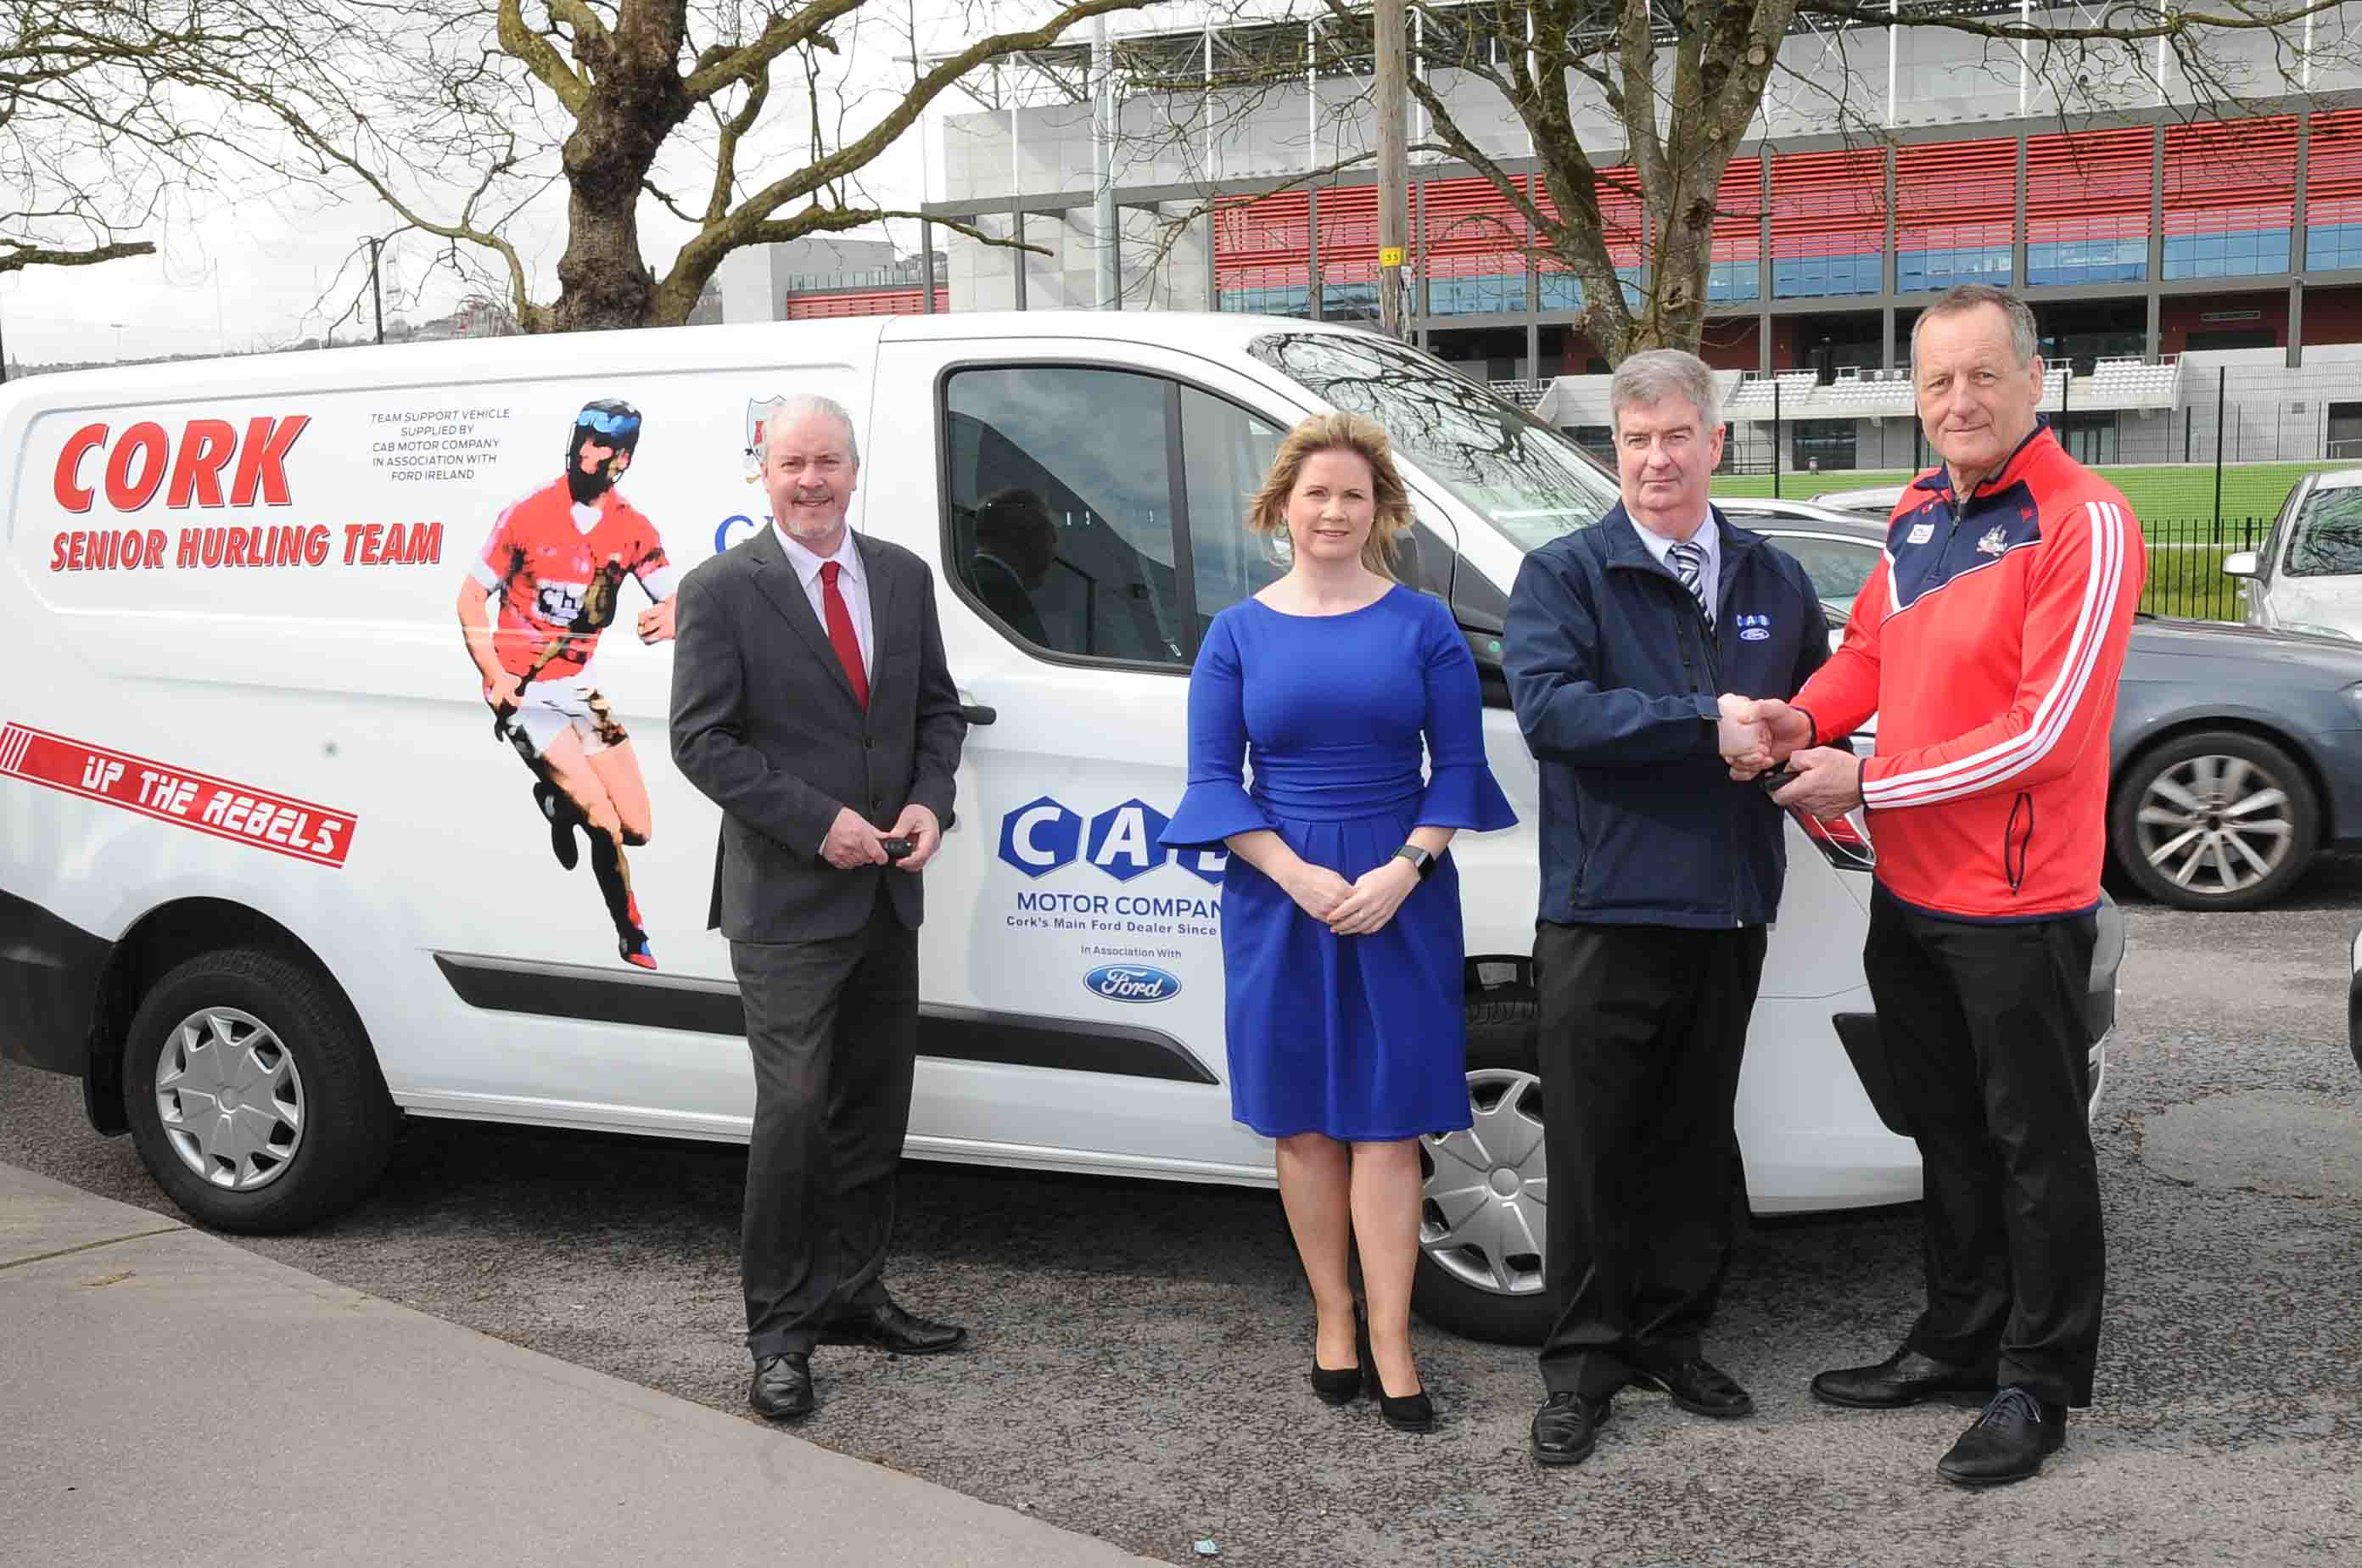 02bae8cf30 Presentation by CAB motor group of kit vans to Cork senior teams